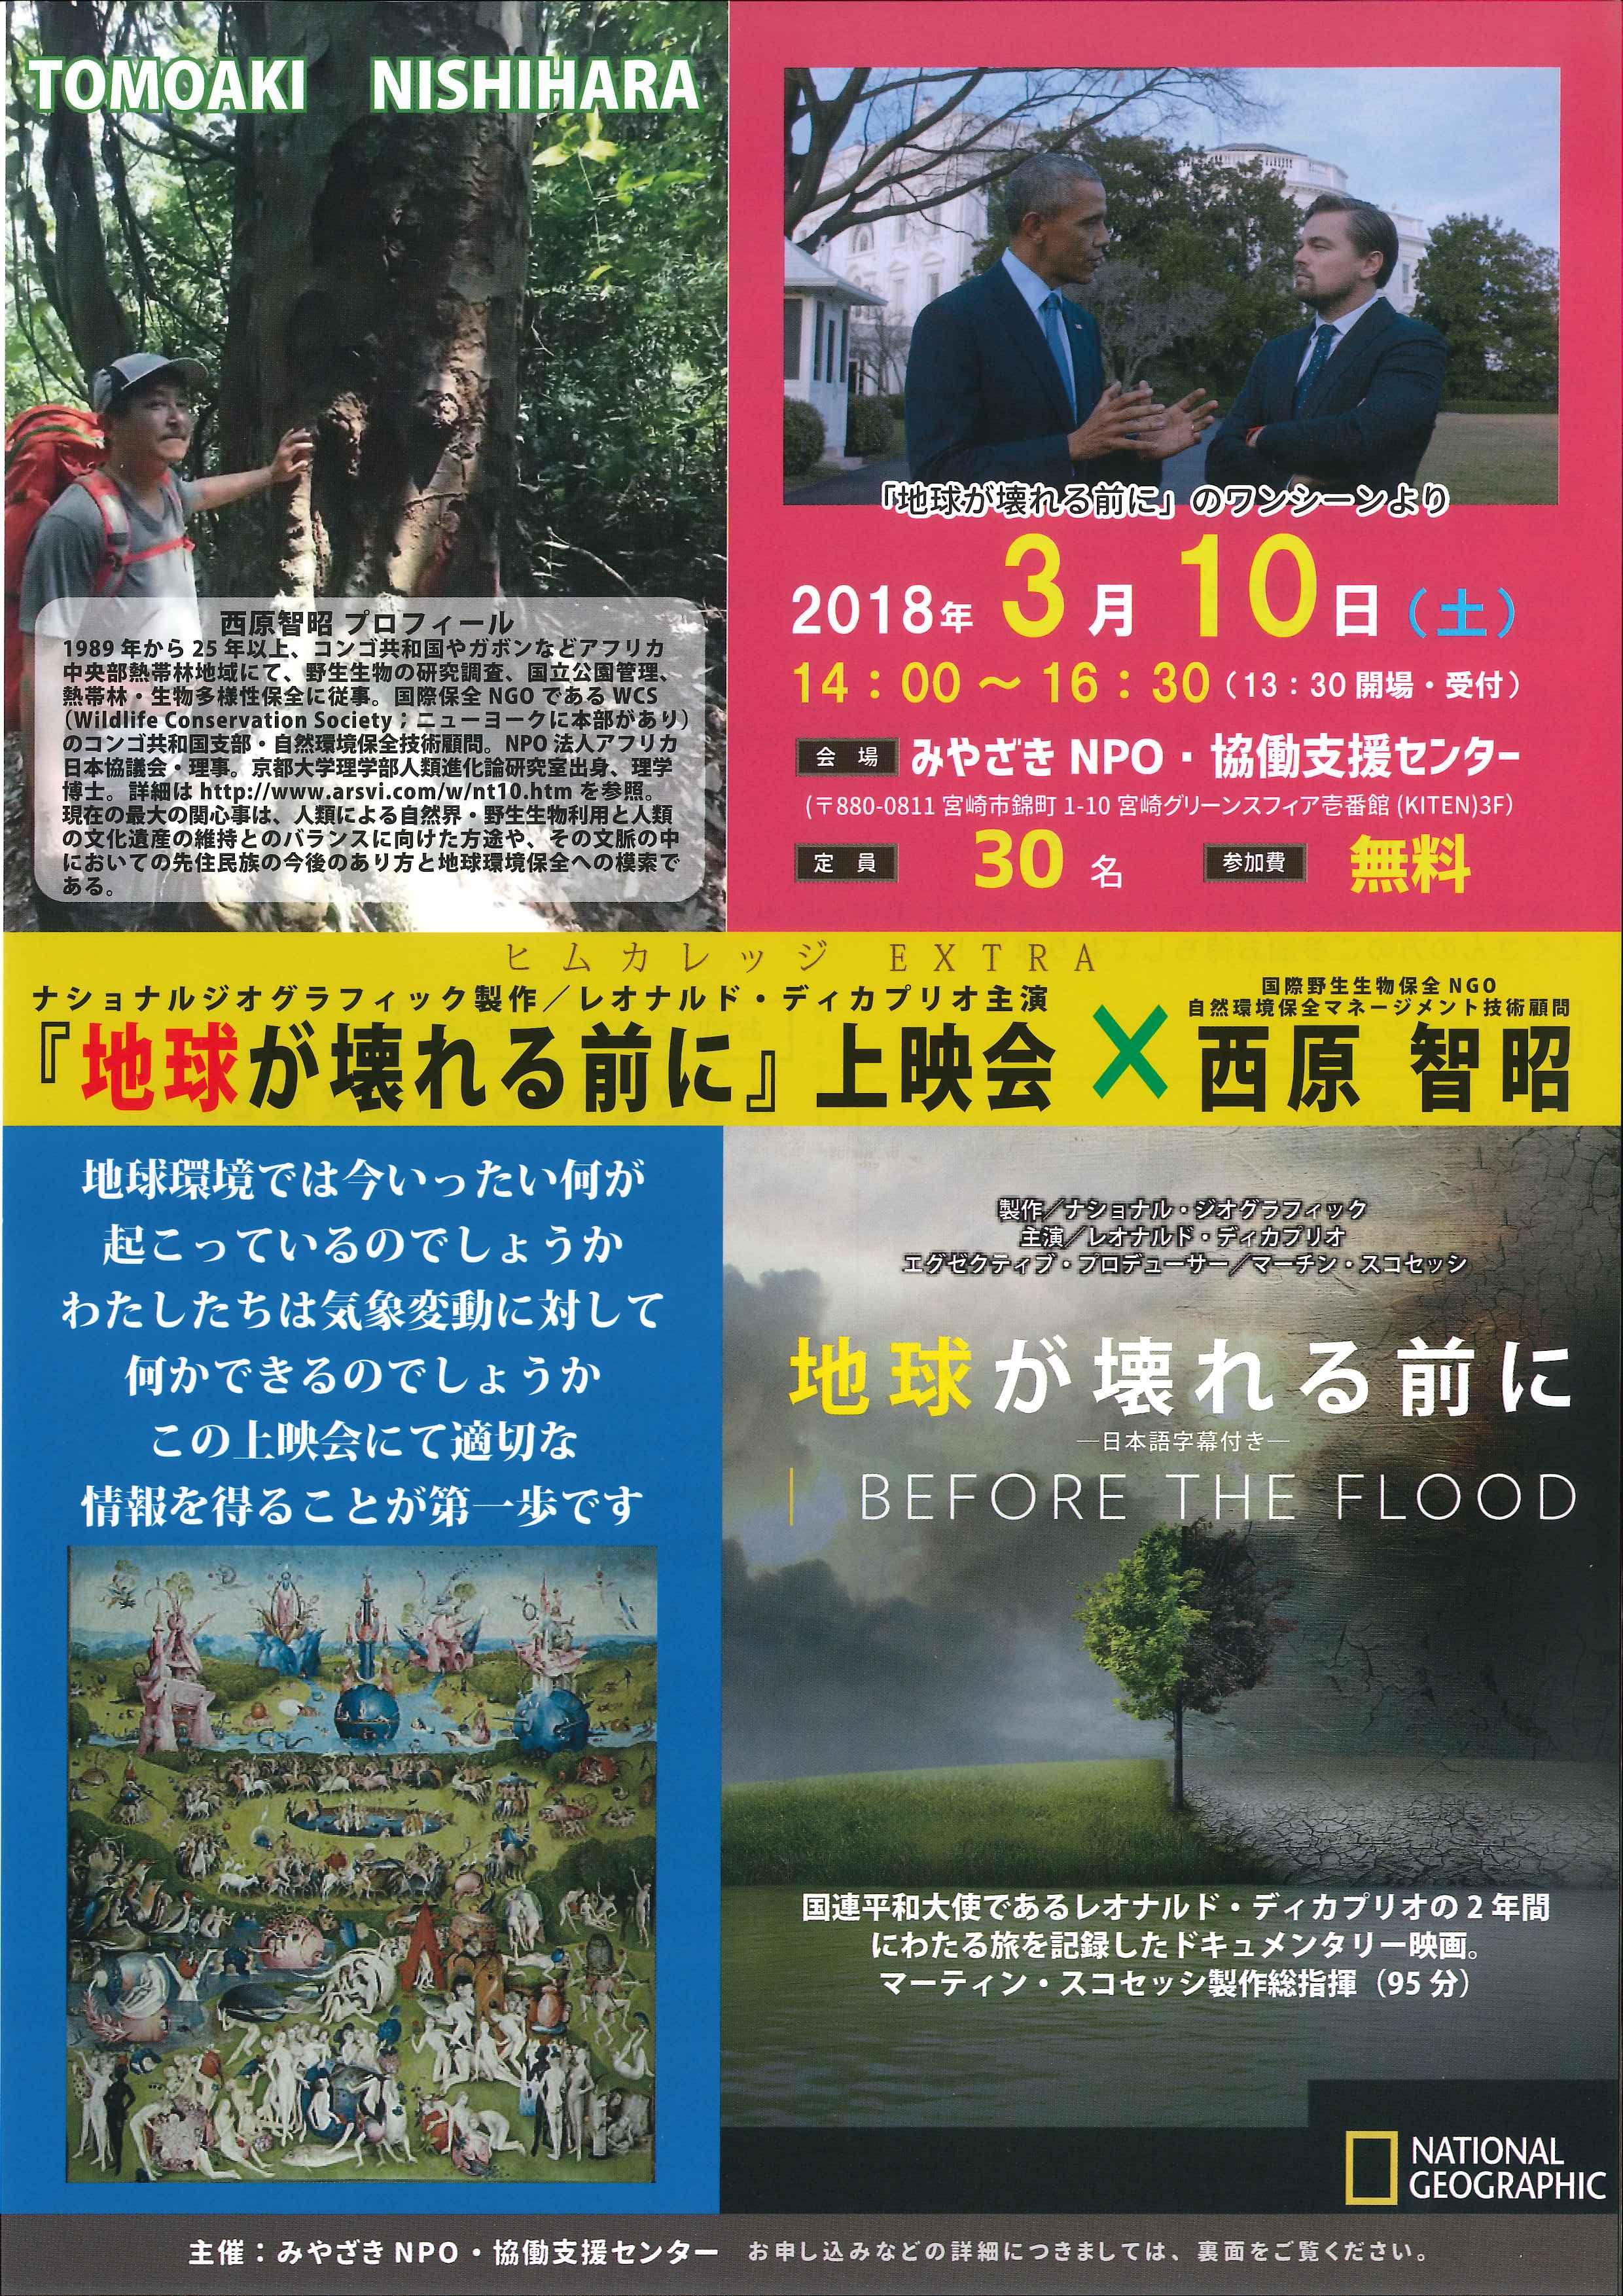 《ご紹介》『地球が壊れる前に』映画上映会 × 西原 智昭 氏 講演会